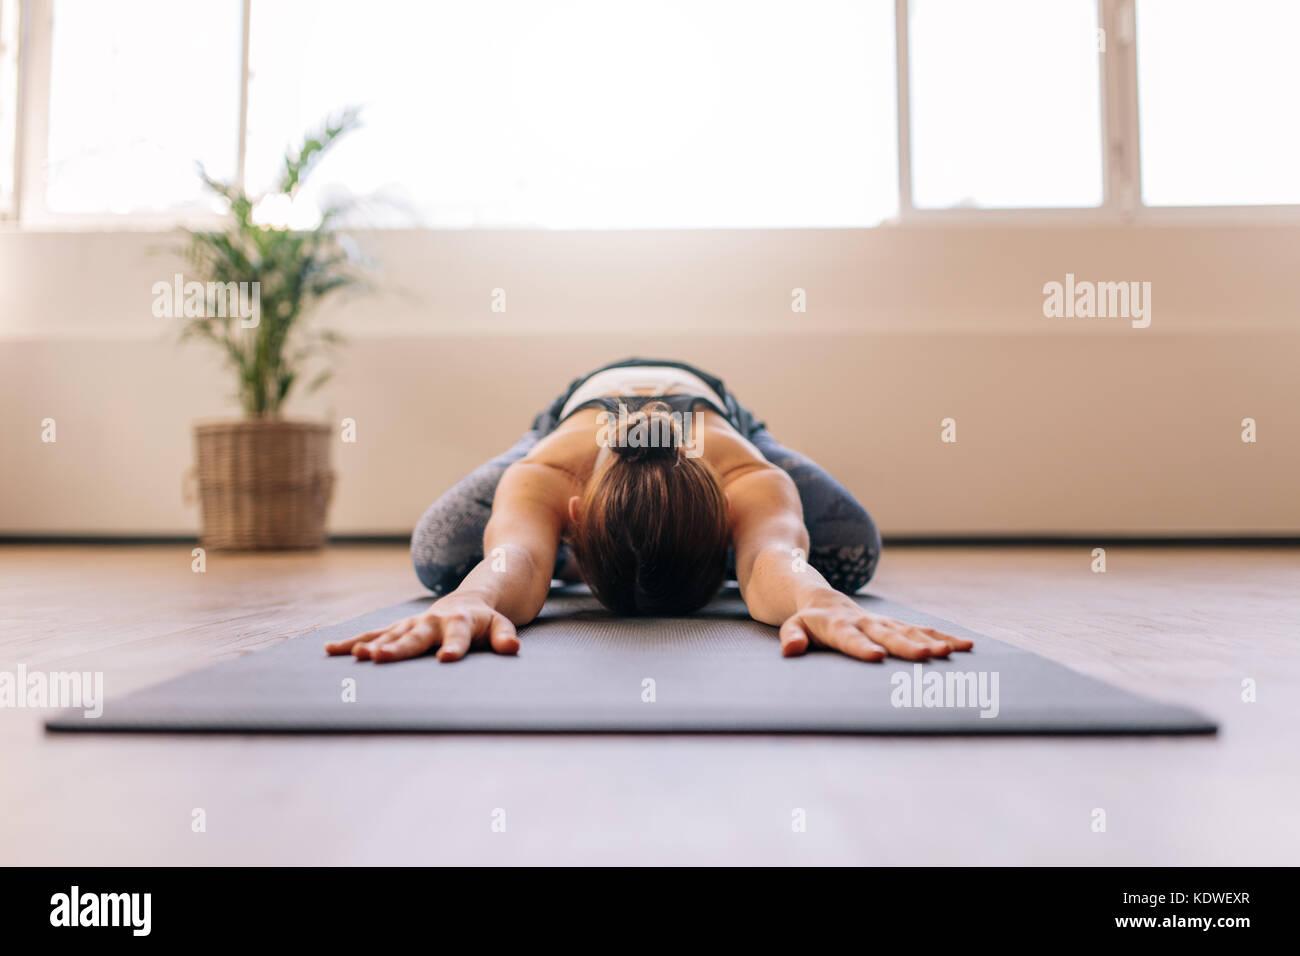 Fit woman performing yoga enfants à cours de gymnastique. Fitness woman working out on yoga mat à l'intérieur. Photo Stock